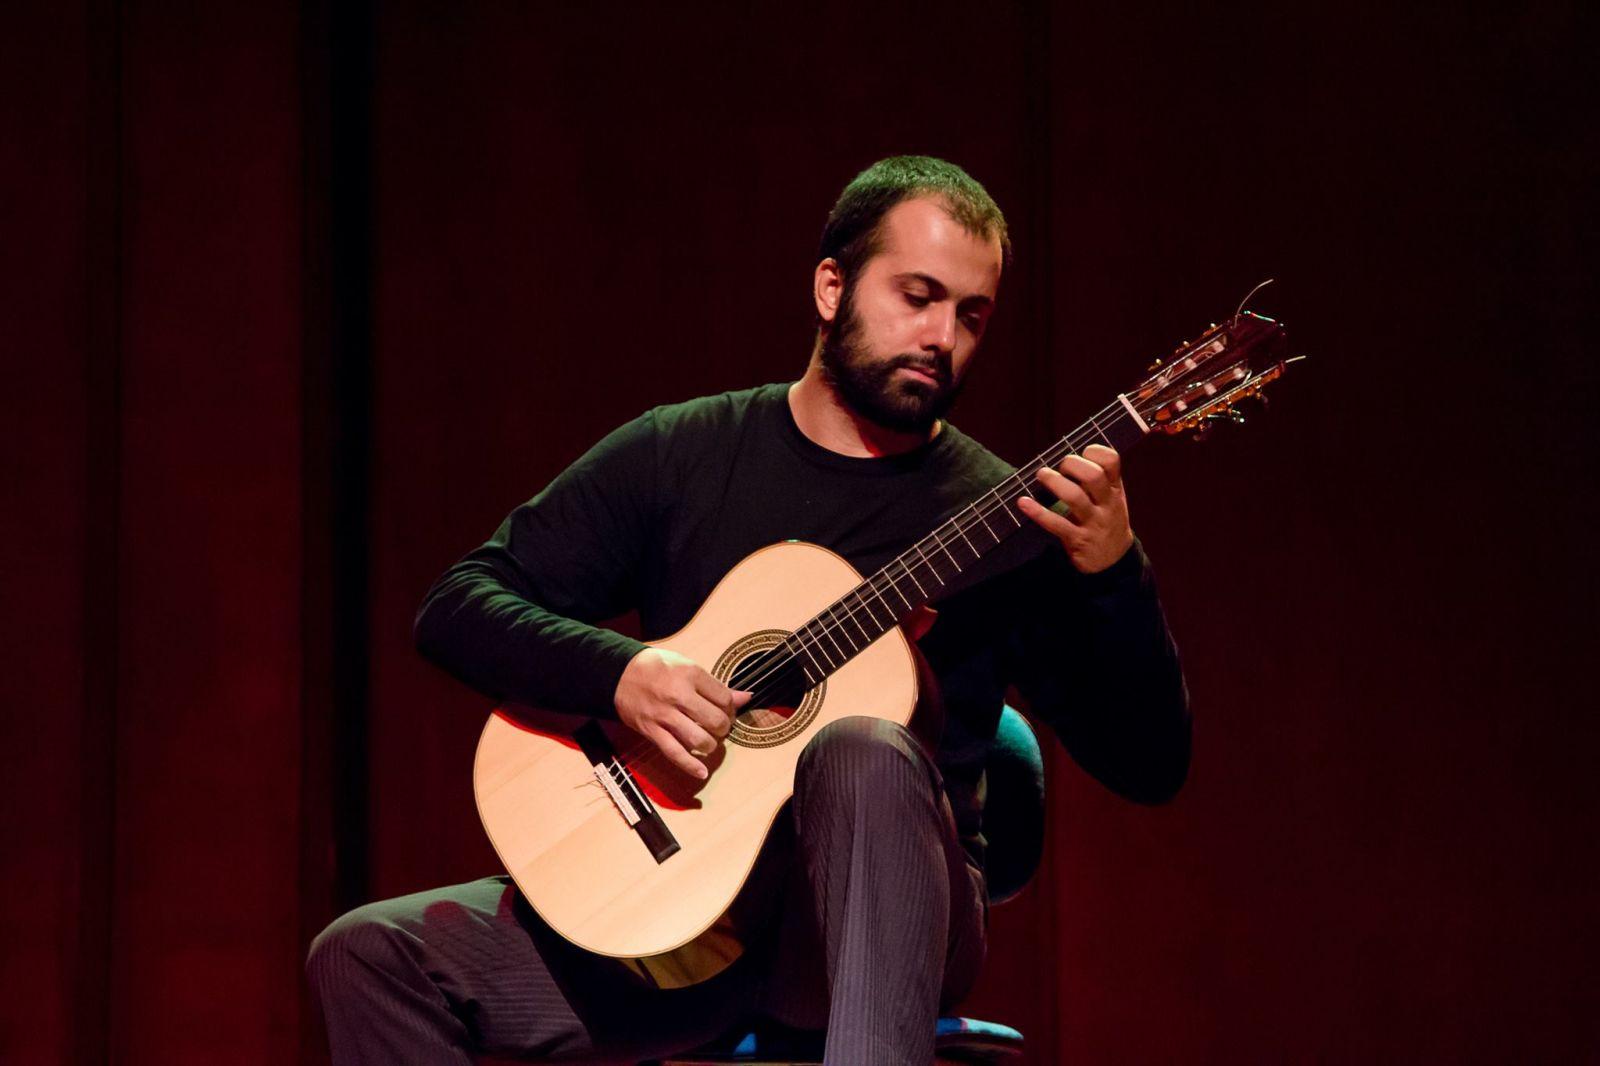 Programação do Festival de Violão de Teresina será lançada na sexta-feira (14/06) - Cristiano Braga